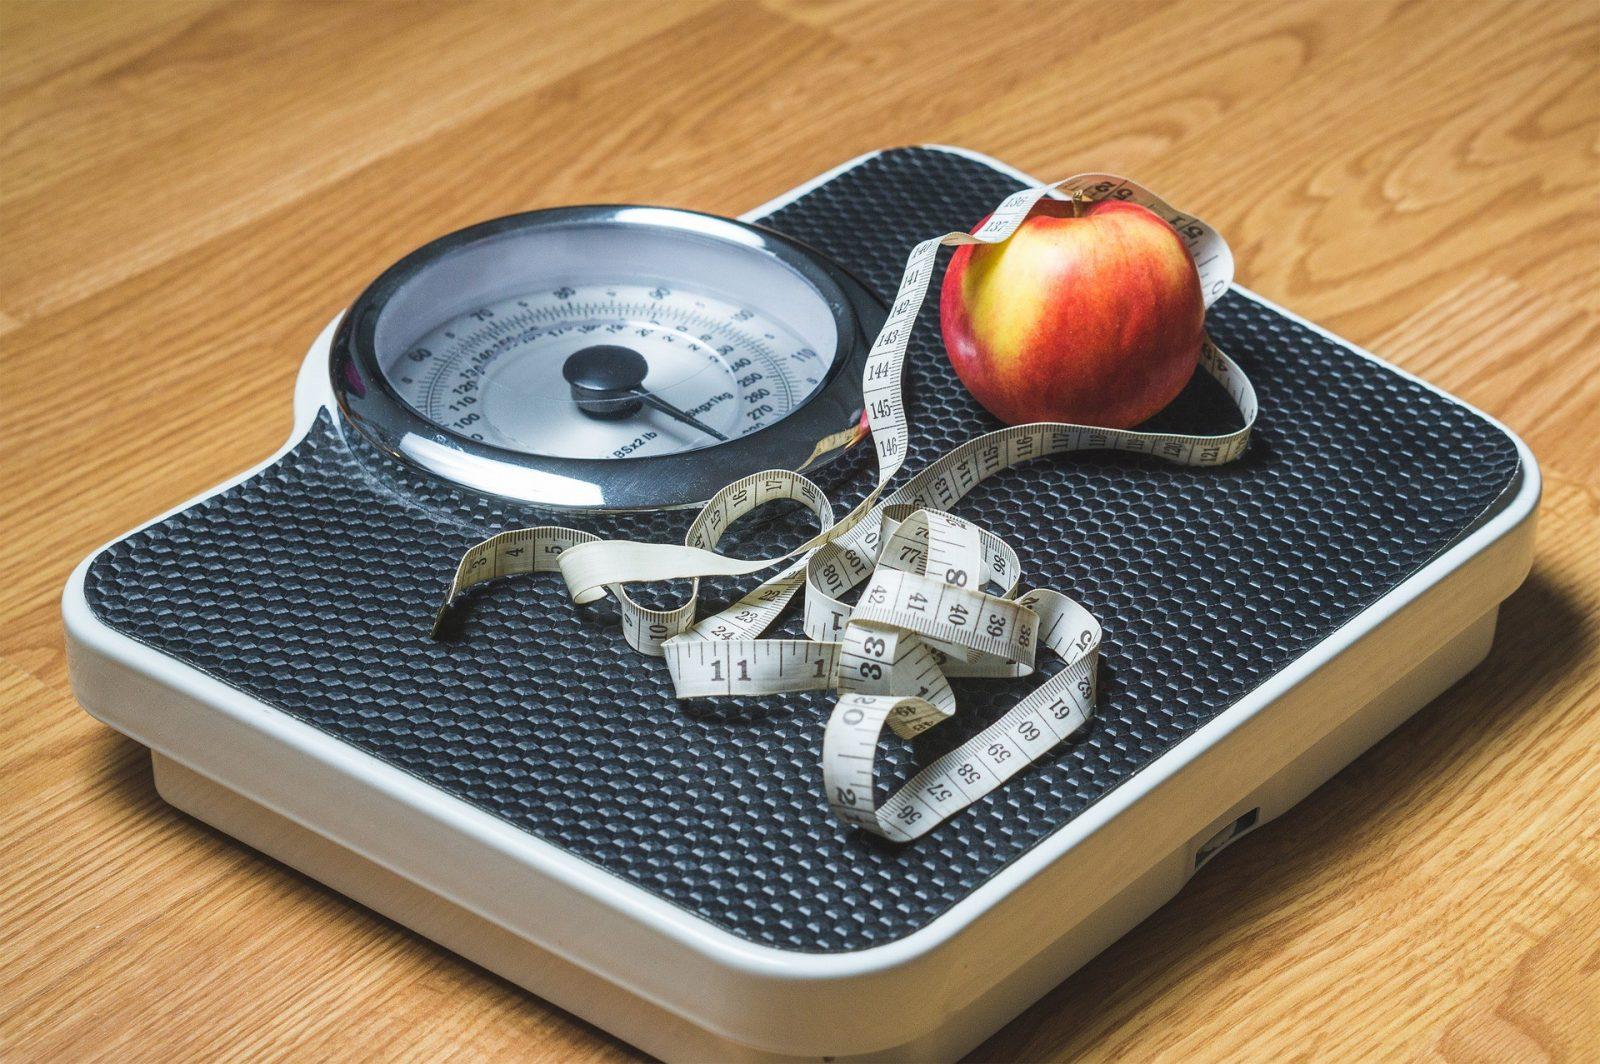 Balança e fita métrica. Obesidade e câncer têm relação